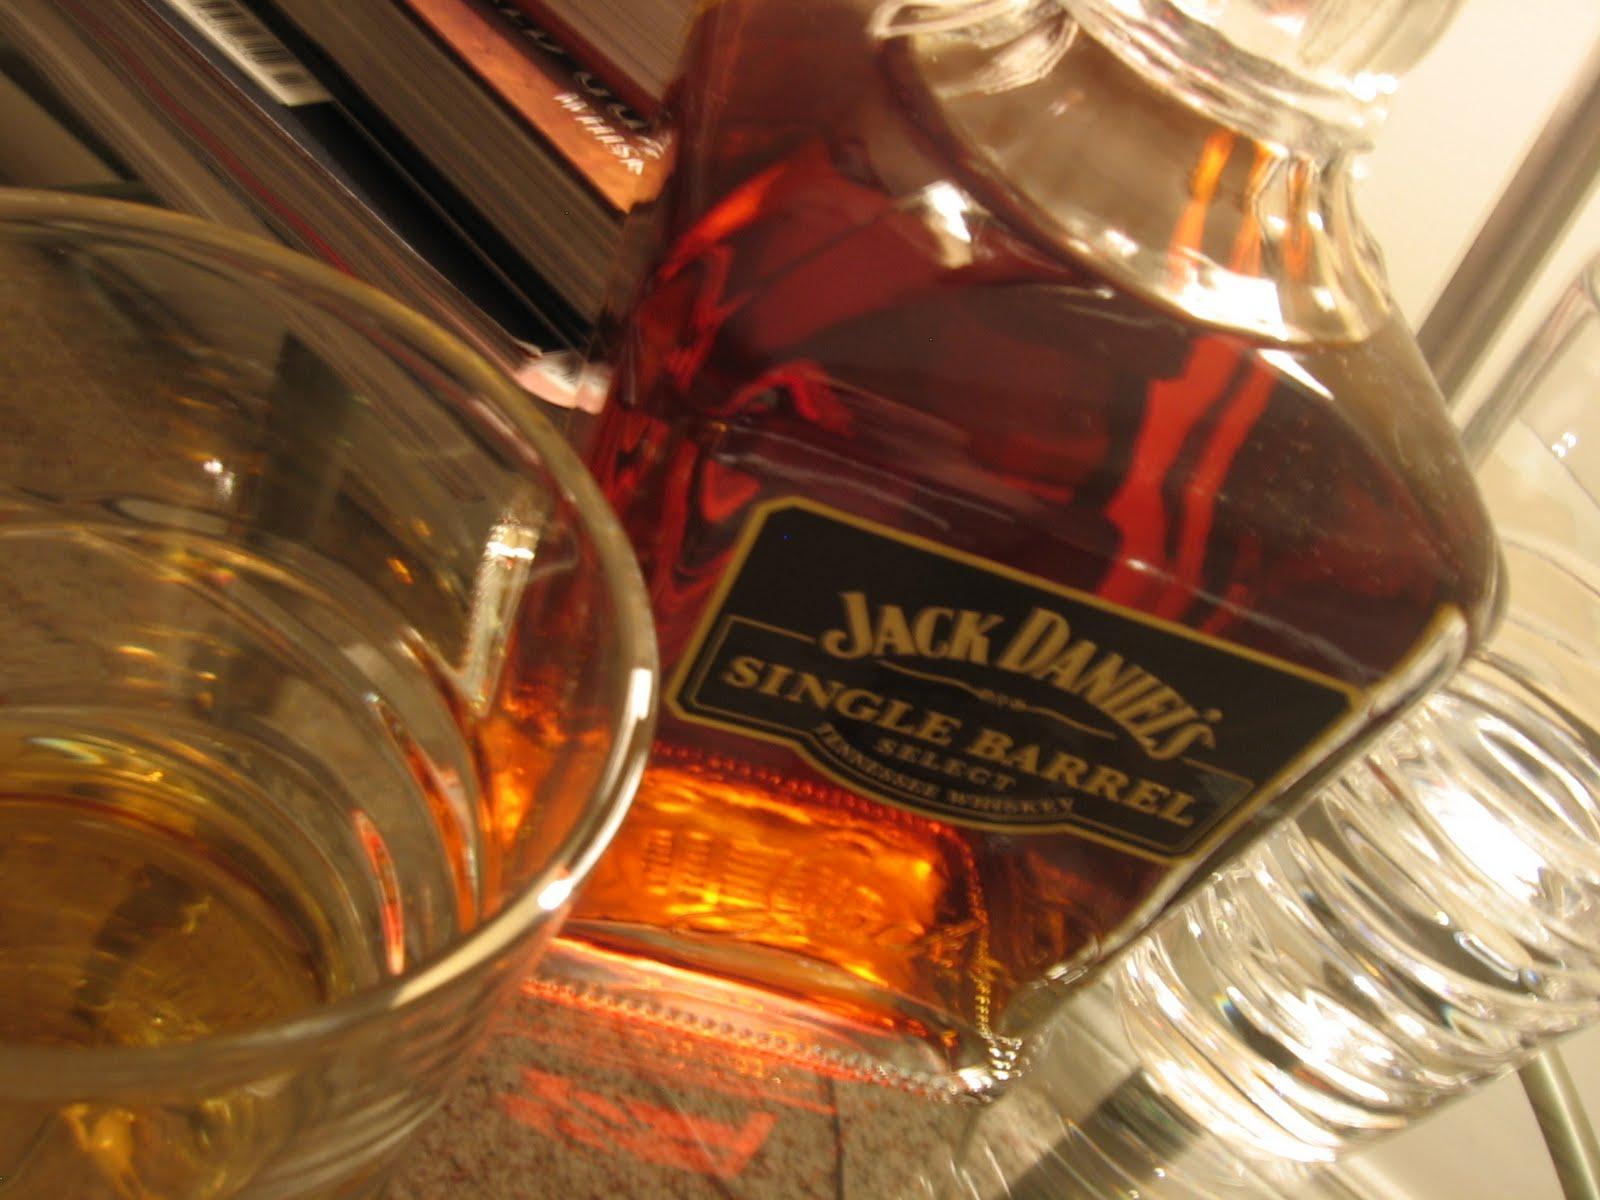 Jasonu0026#39;s Scotch Whisky Reviews: Review: Jack Danielu0026#39;s ...